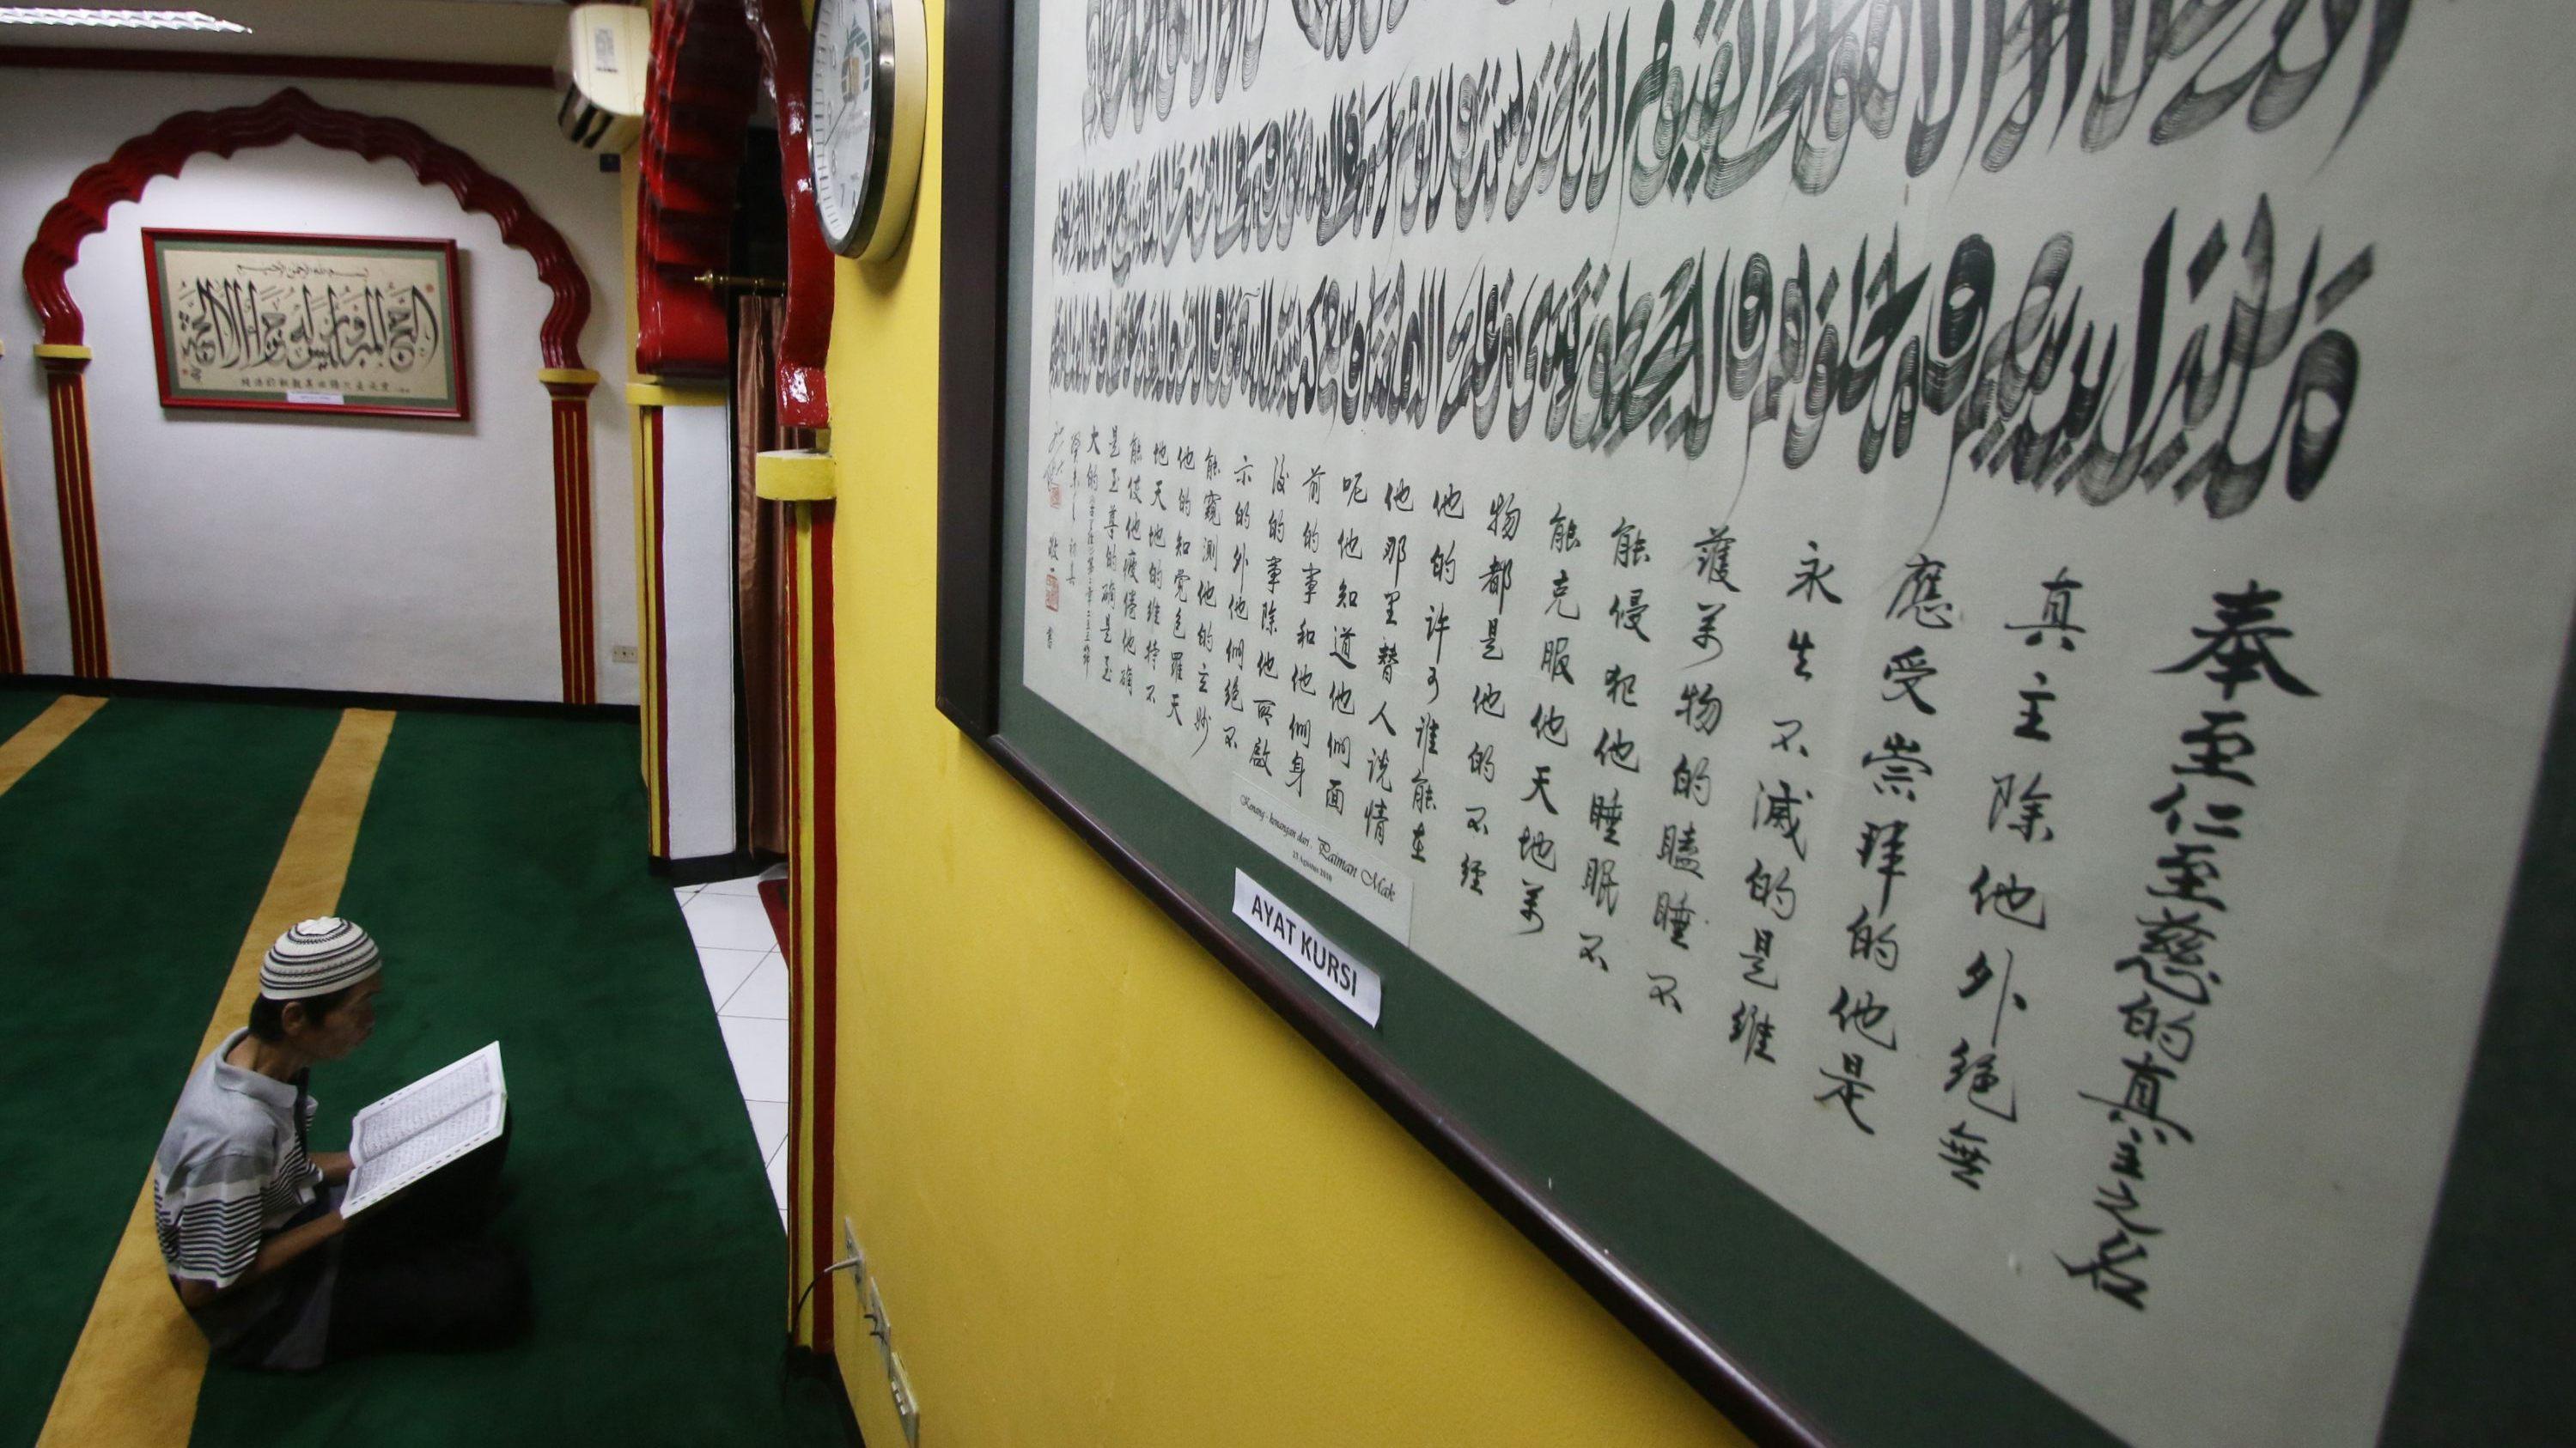 Muslim Cina di Masjid Lautze Rayakan Imlek dengan Silaturahmi